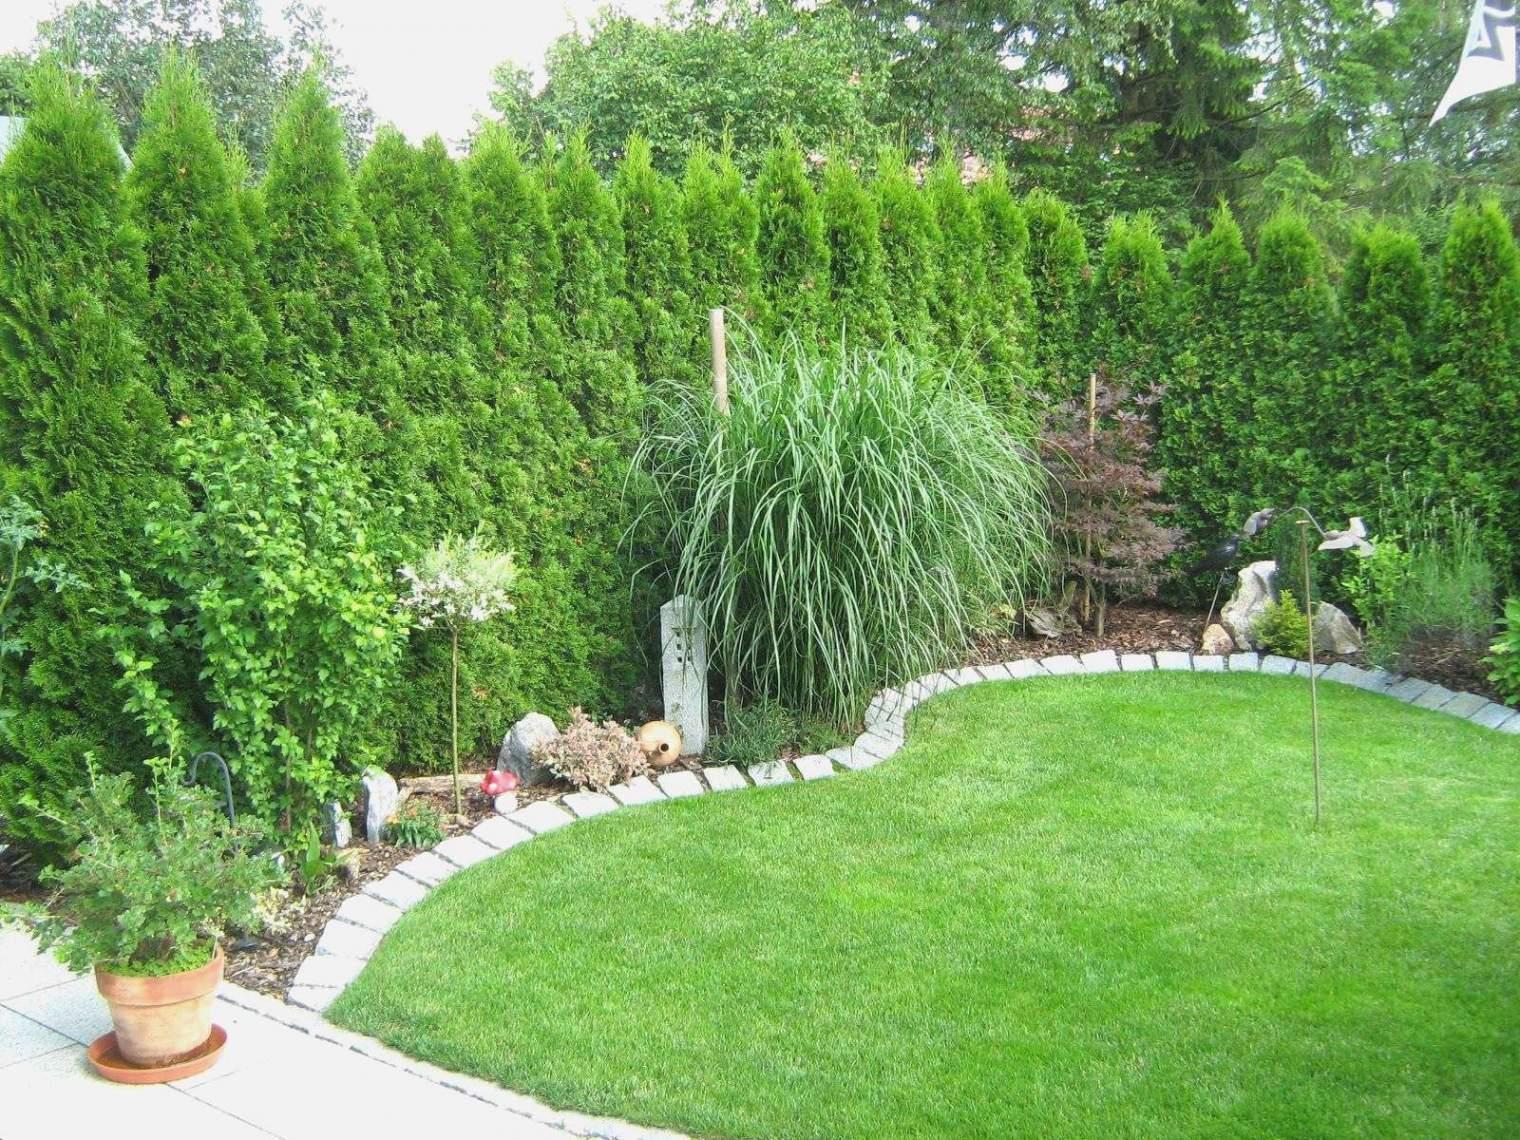 Gartengestaltung Mit Steinen Ideen Bilder